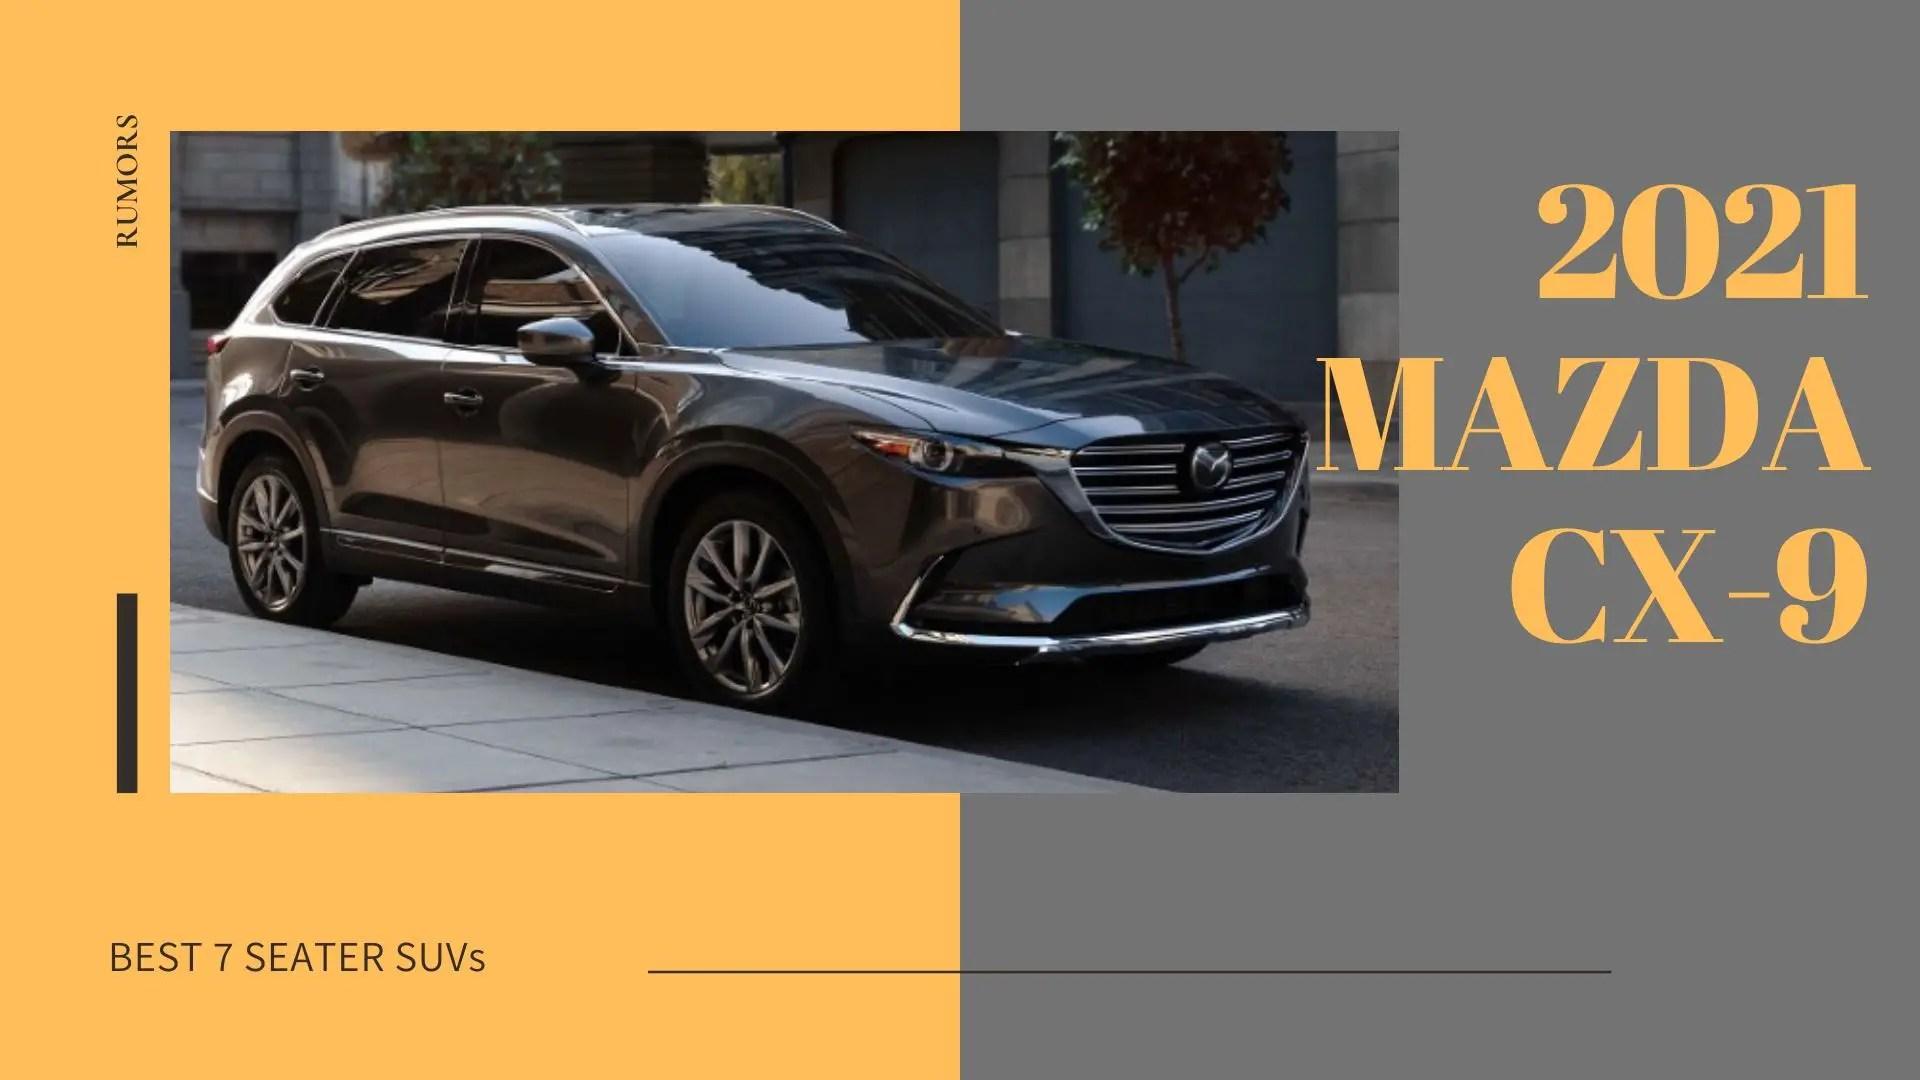 2021 Mazda CX-9 Redesign Exterior & Interior